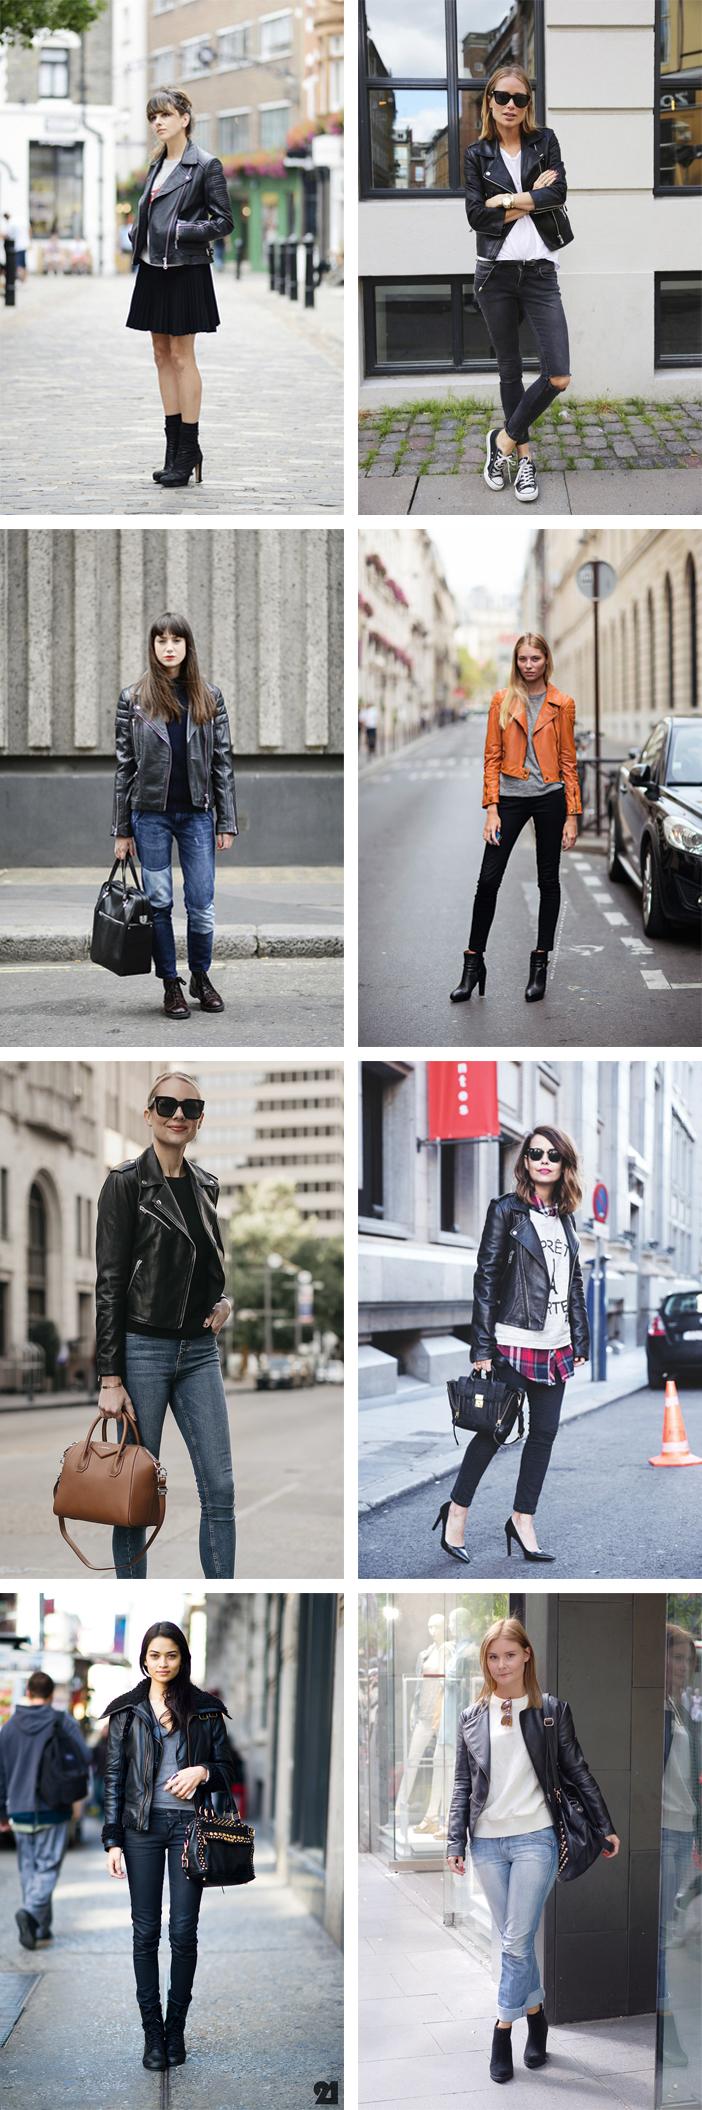 Looks de inverno com jaqueta de couro